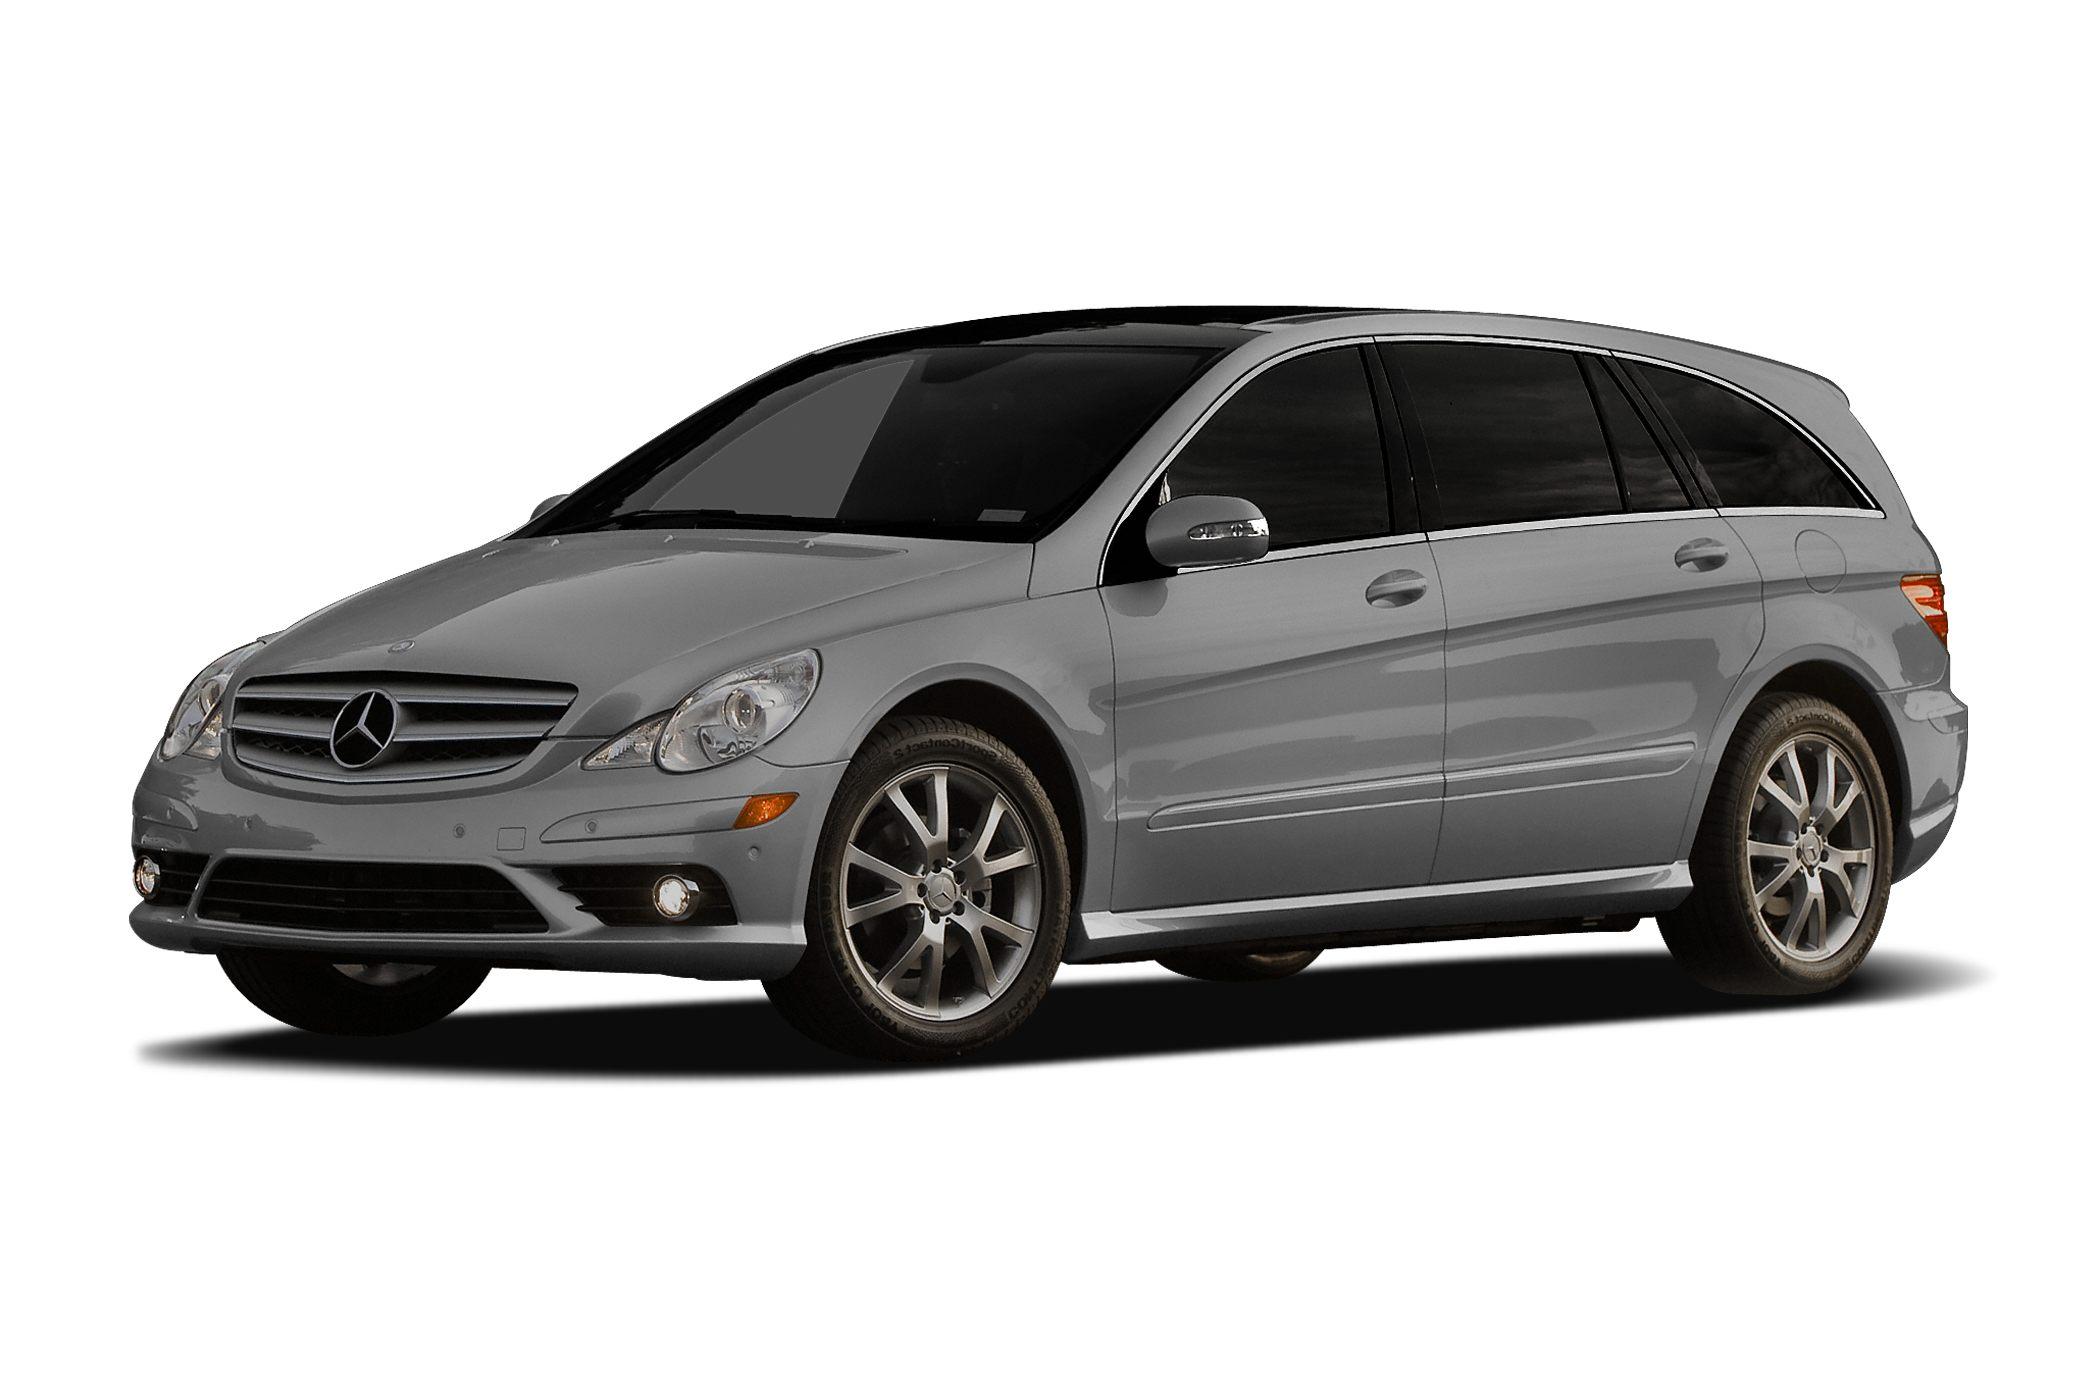 2009 Mercedes Benz R Class Safety Recalls